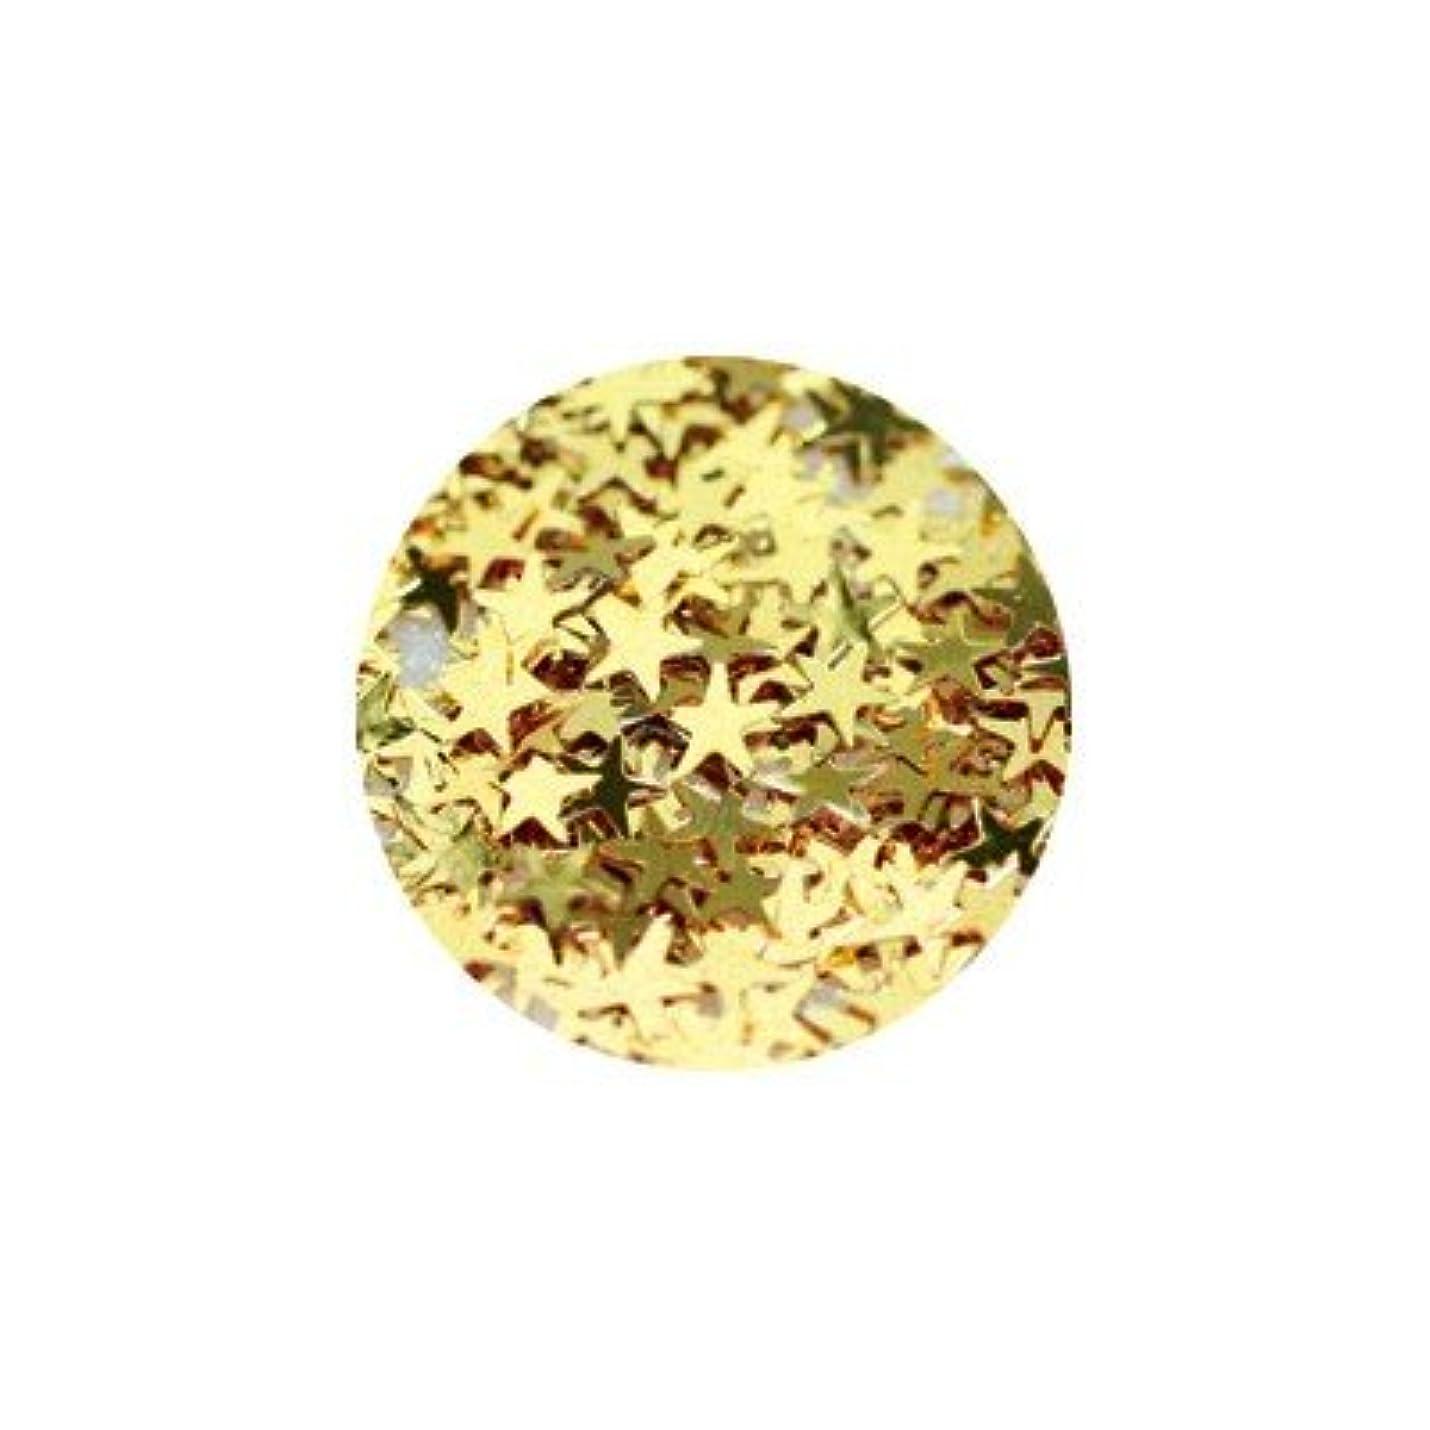 浸す包括的大統領キラキラ ゴールド スター 2.5mm